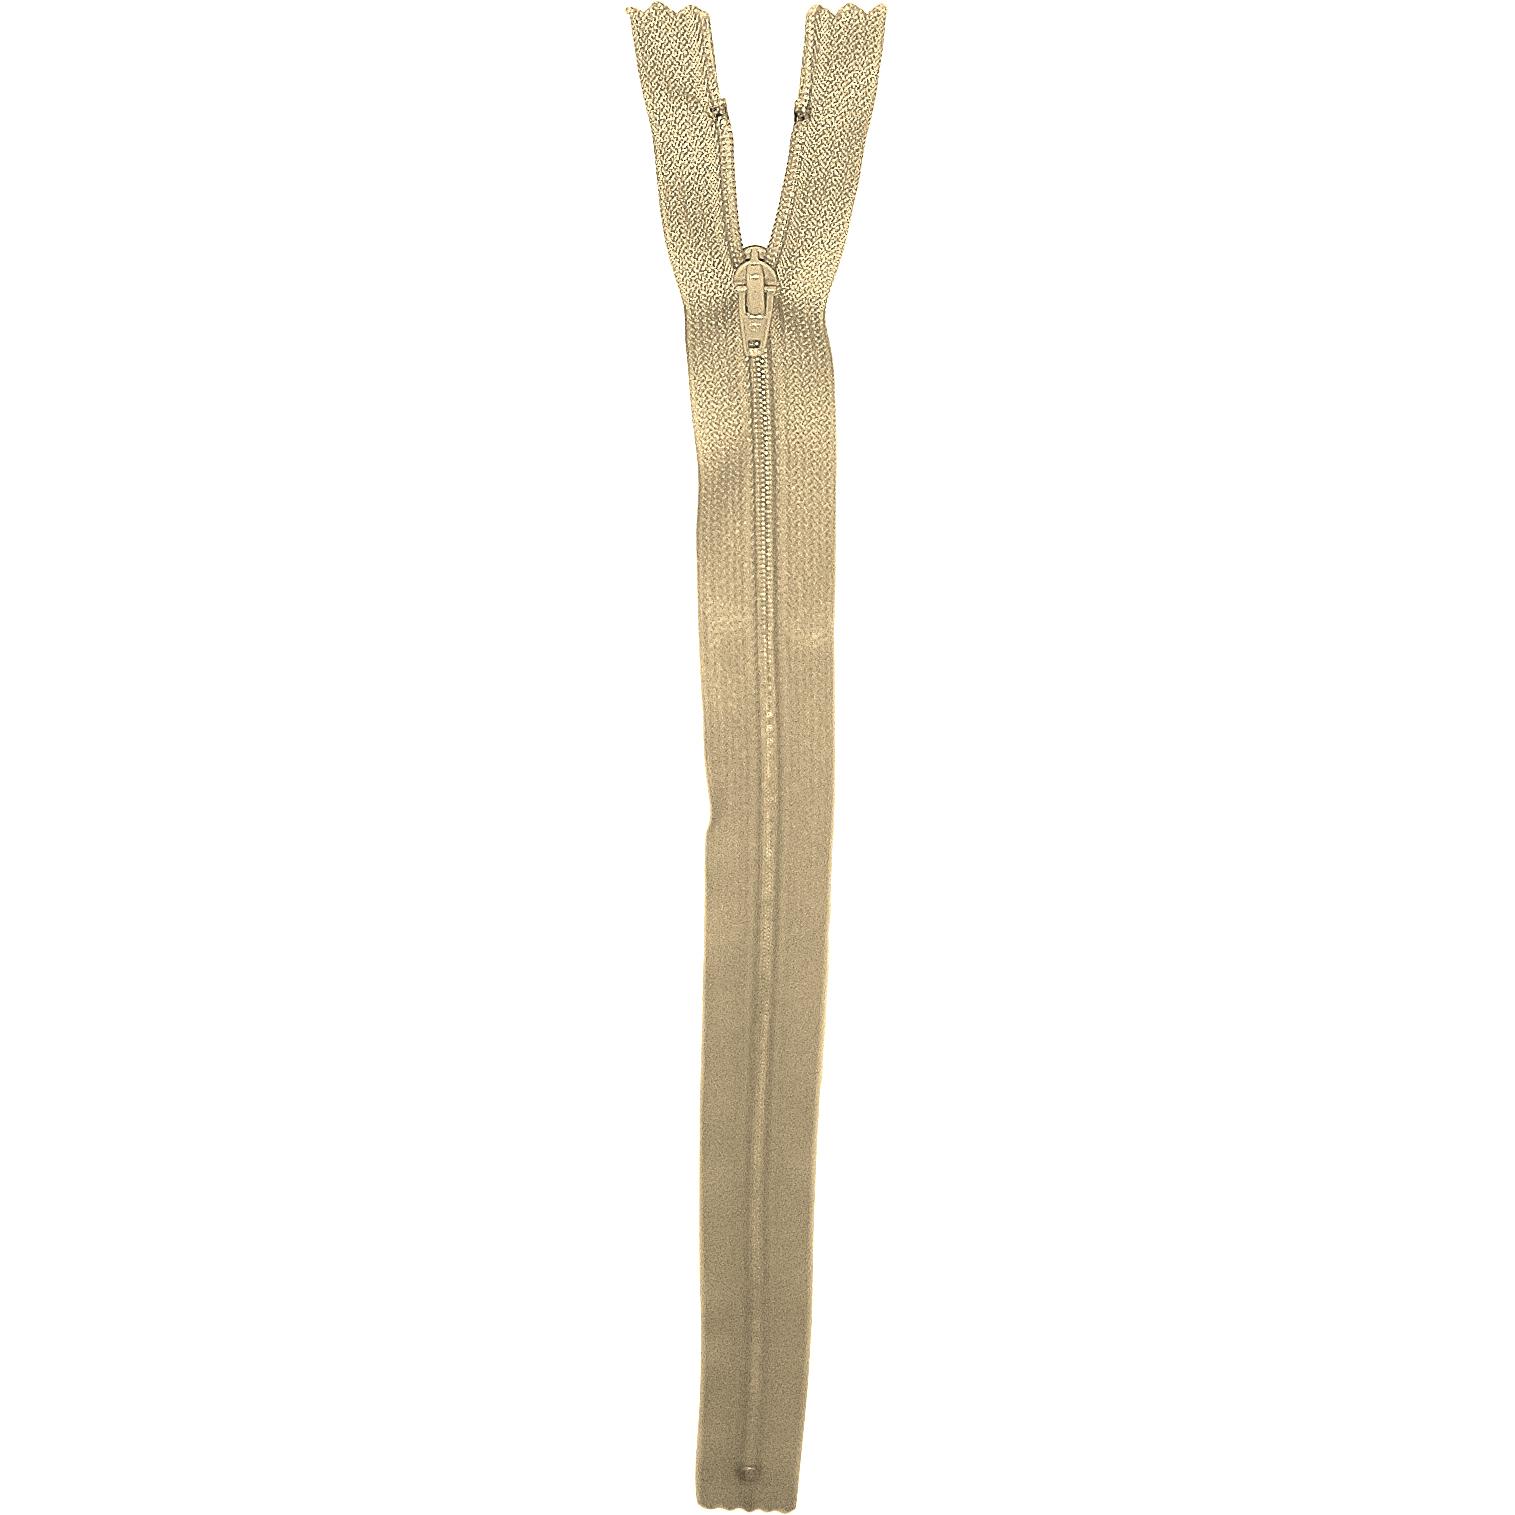 Precut Zipper 12 inch